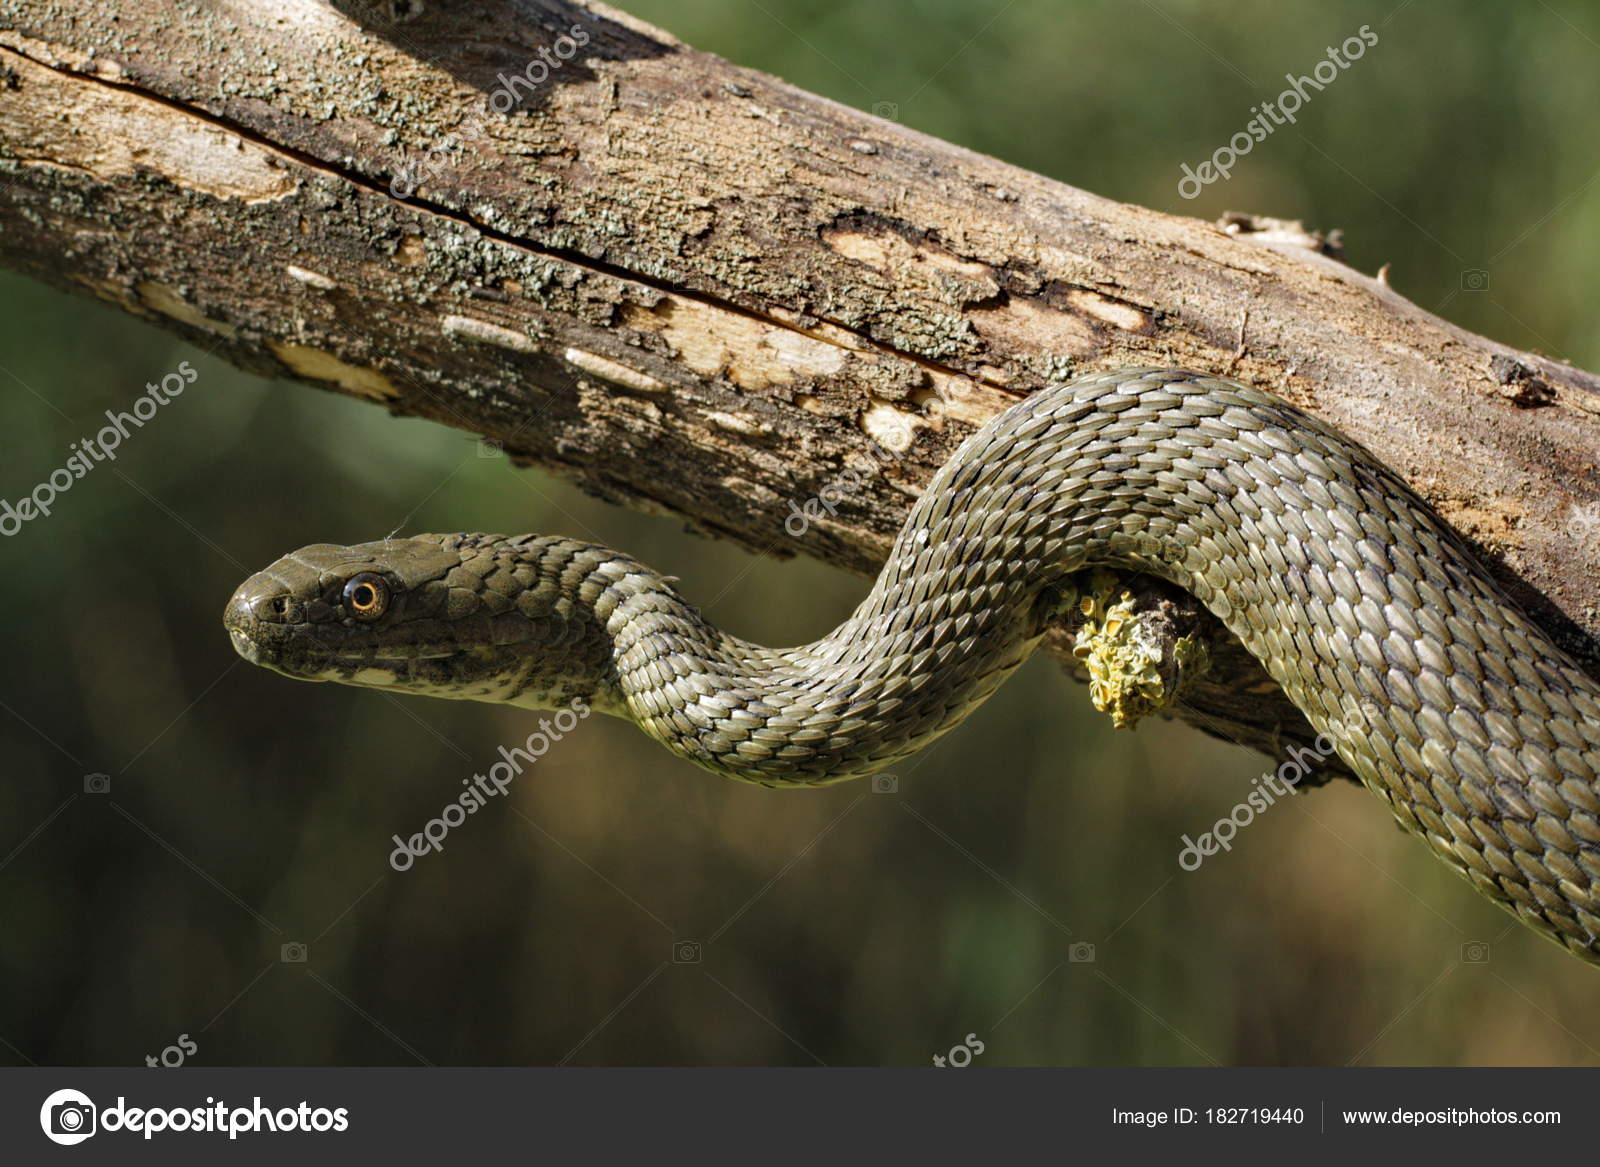 ужовые змеи